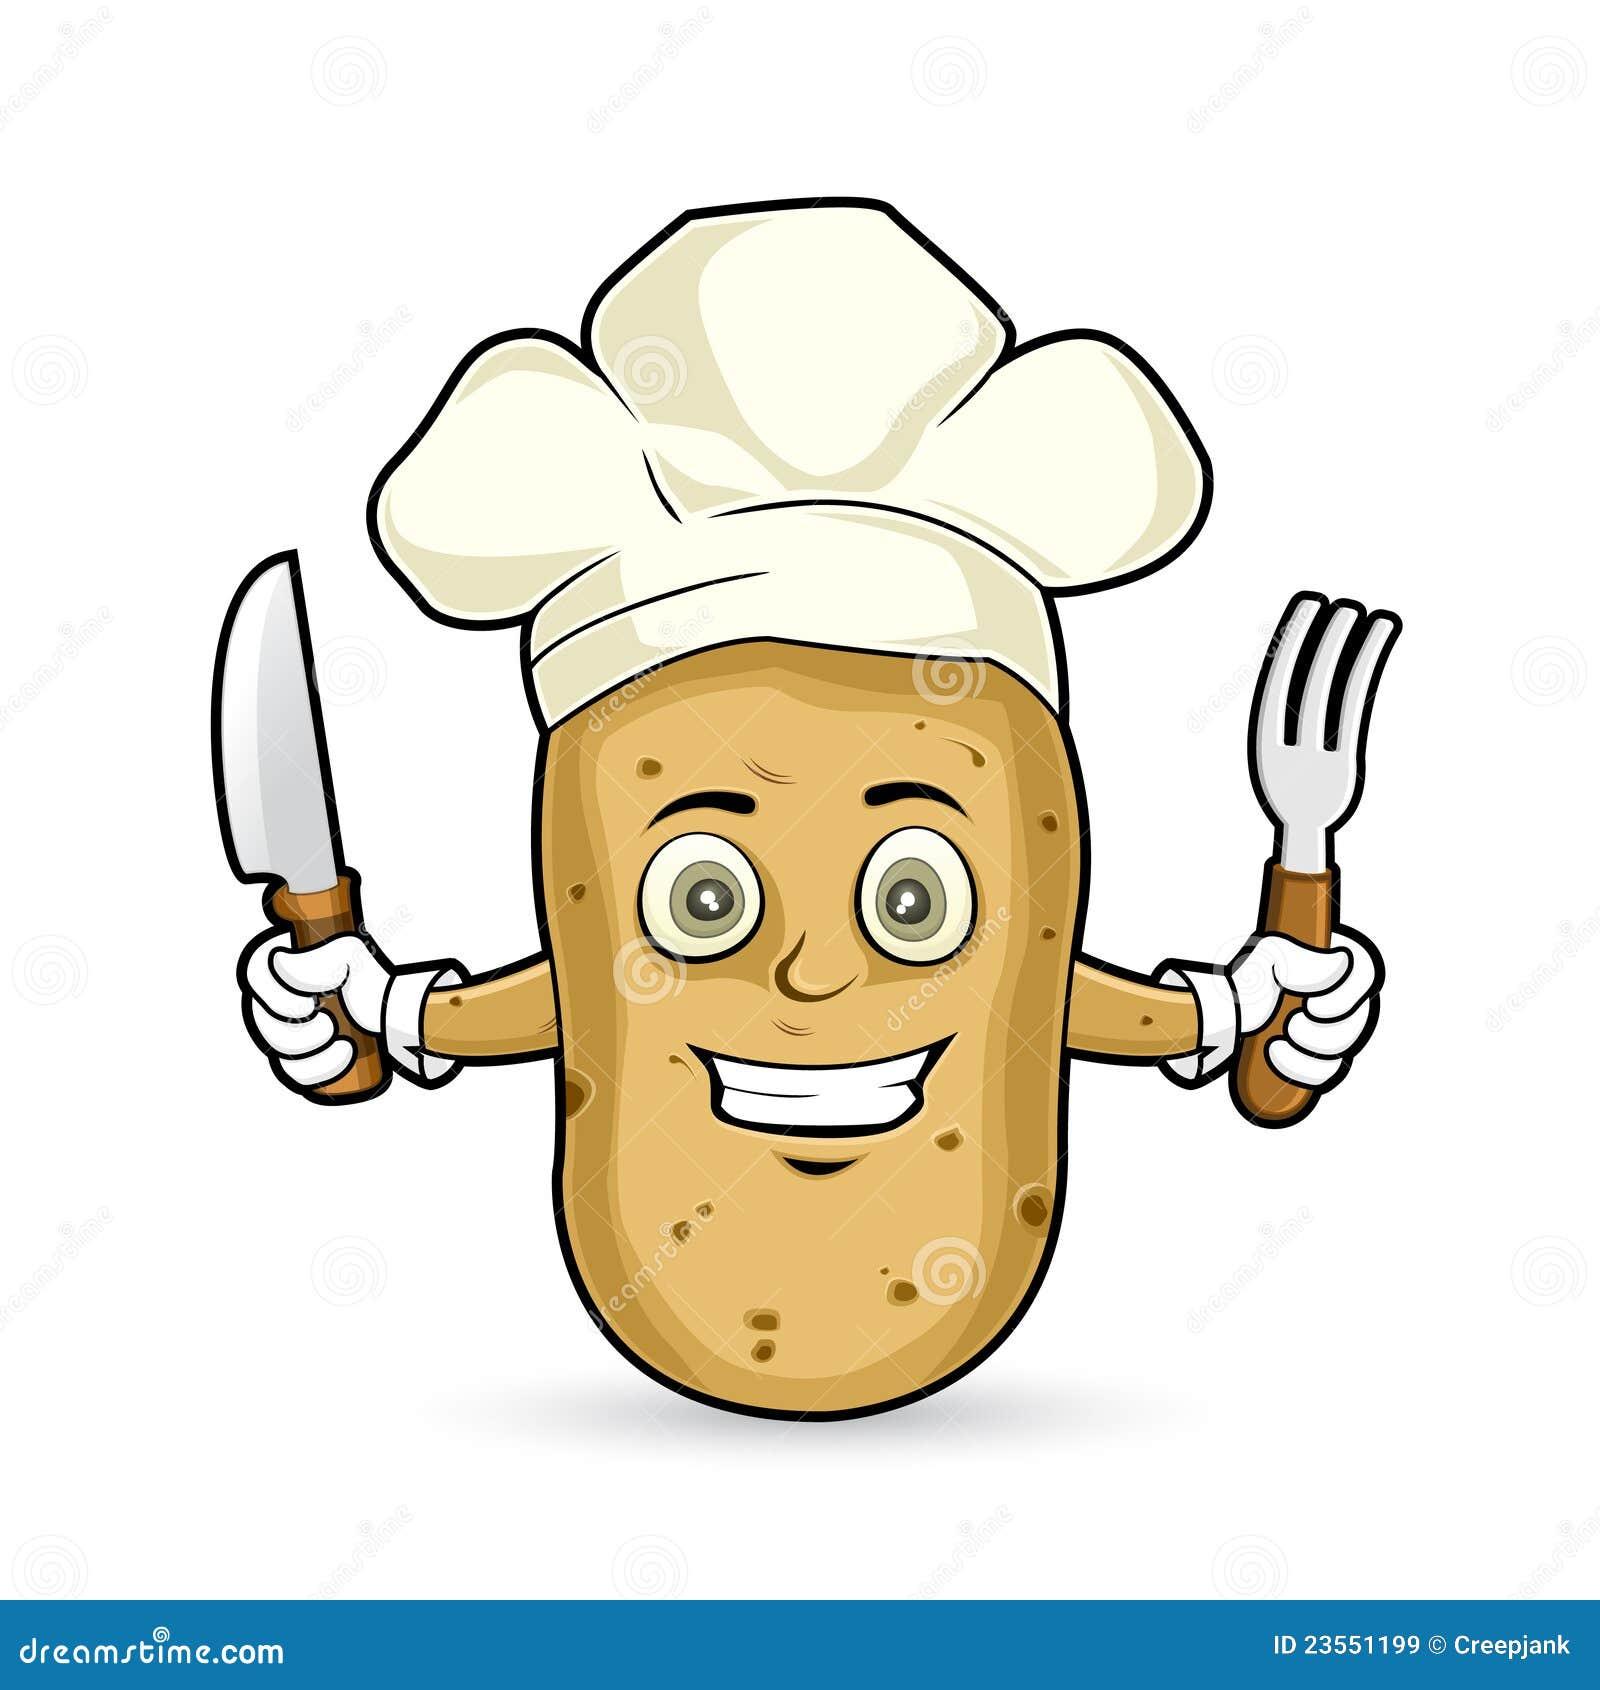 Kartoffel Bilder Kostenlos kartoffel glücklich stock abbildung illustration messer